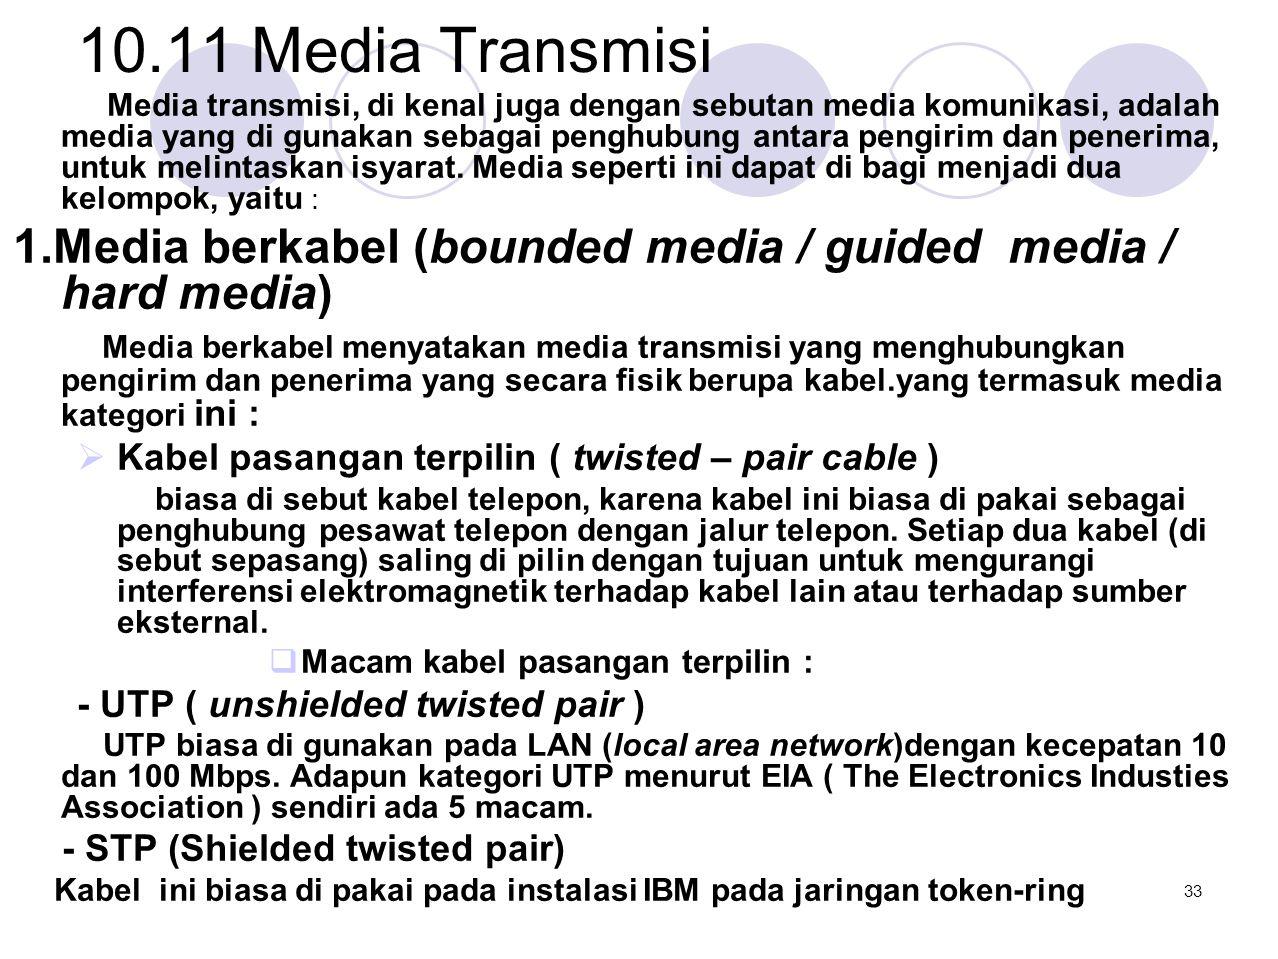 10.11 Media Transmisi Media transmisi, di kenal juga dengan sebutan media komunikasi, adalah media yang di gunakan sebagai penghubung antara pengirim